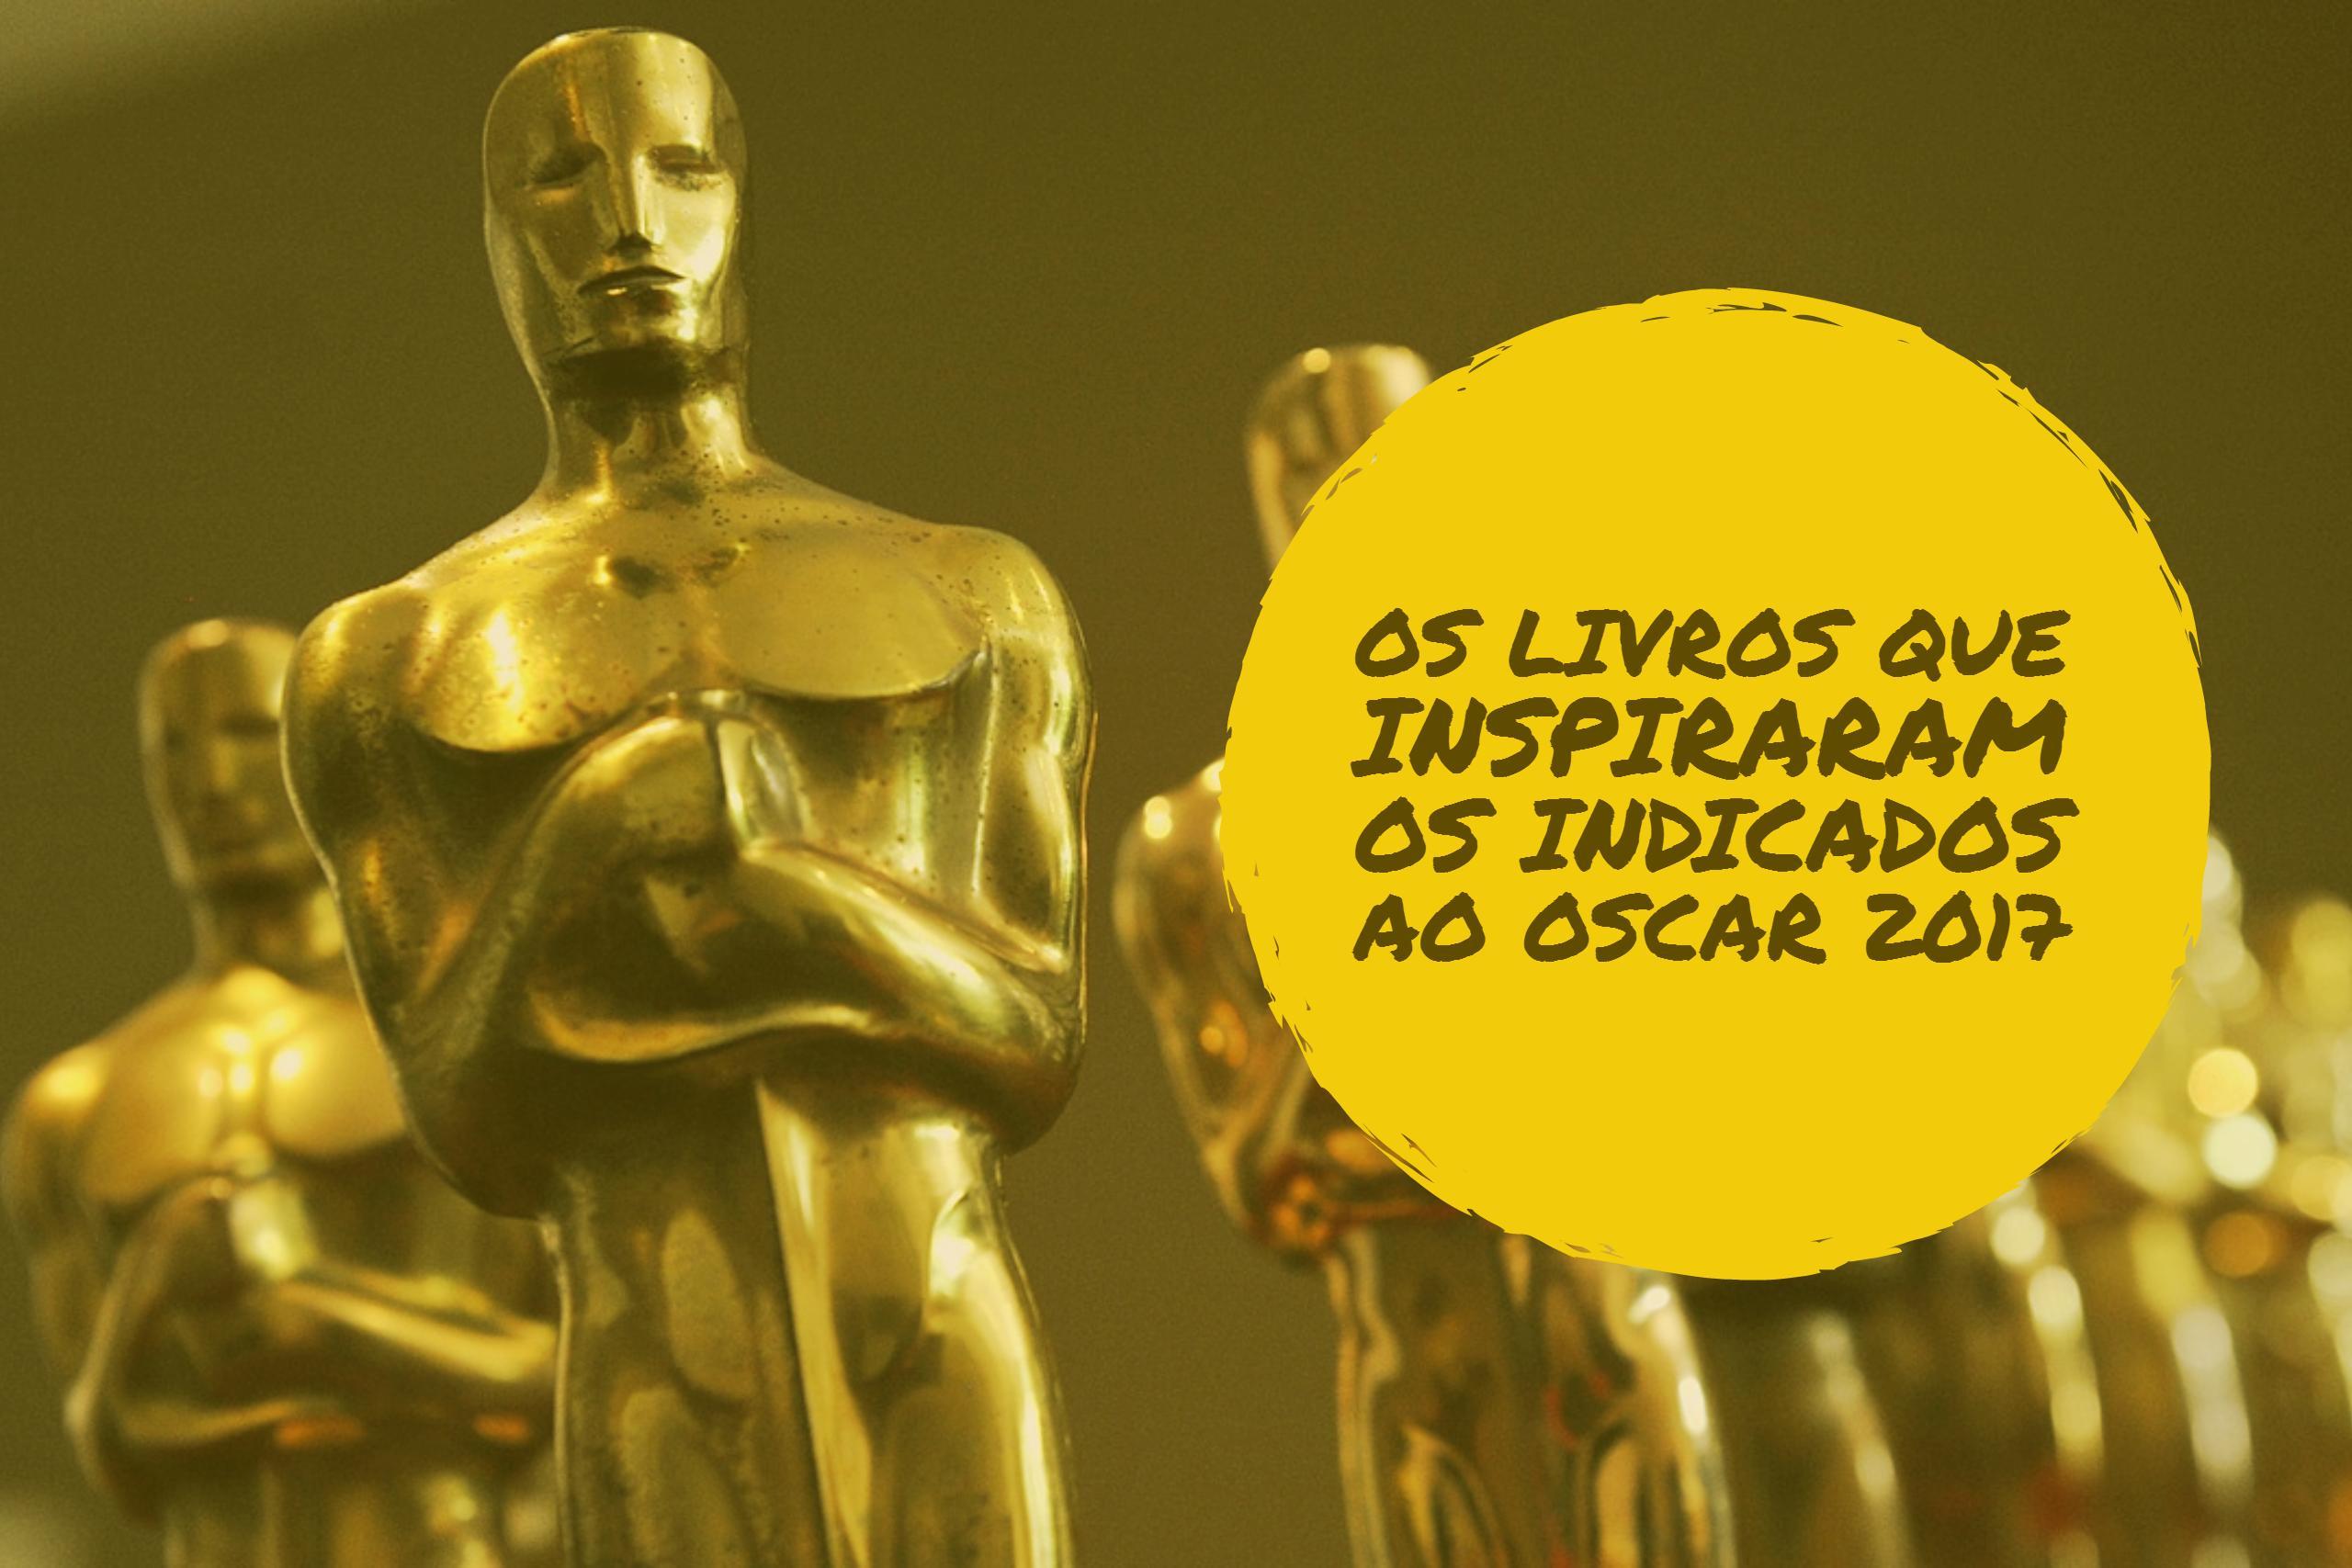 Os livros que inspiraram os Indicados ao Oscar 2017